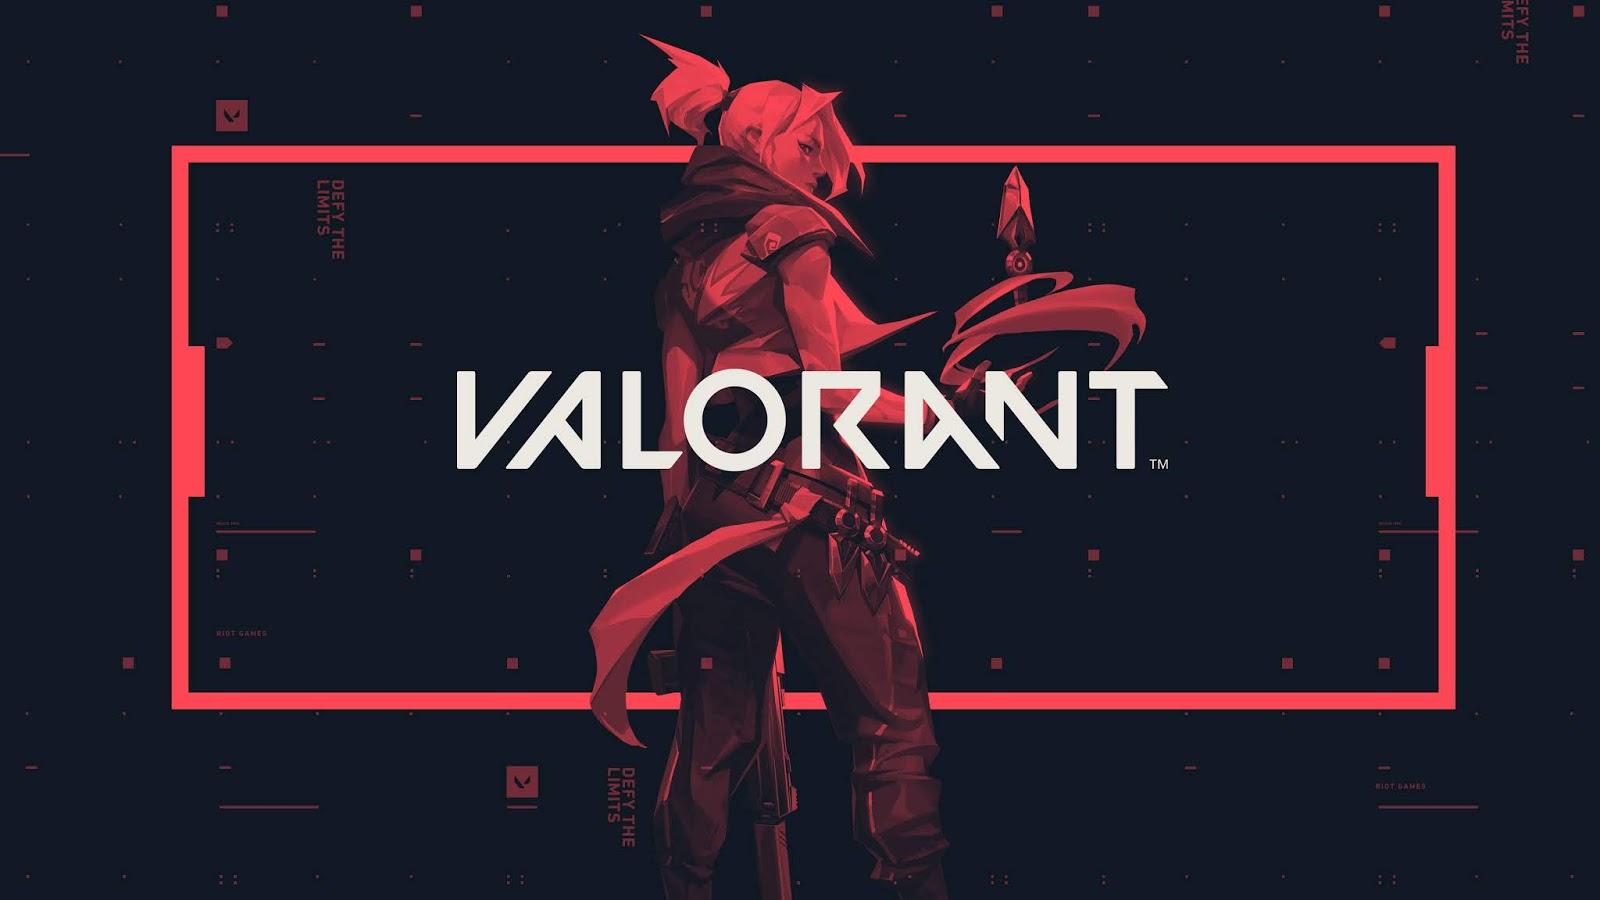 https://i2.wp.com/playnecl.com/wp-content/uploads/2021/06/Valorant_Cover_01.jpg?fit=1600%2C900&ssl=1